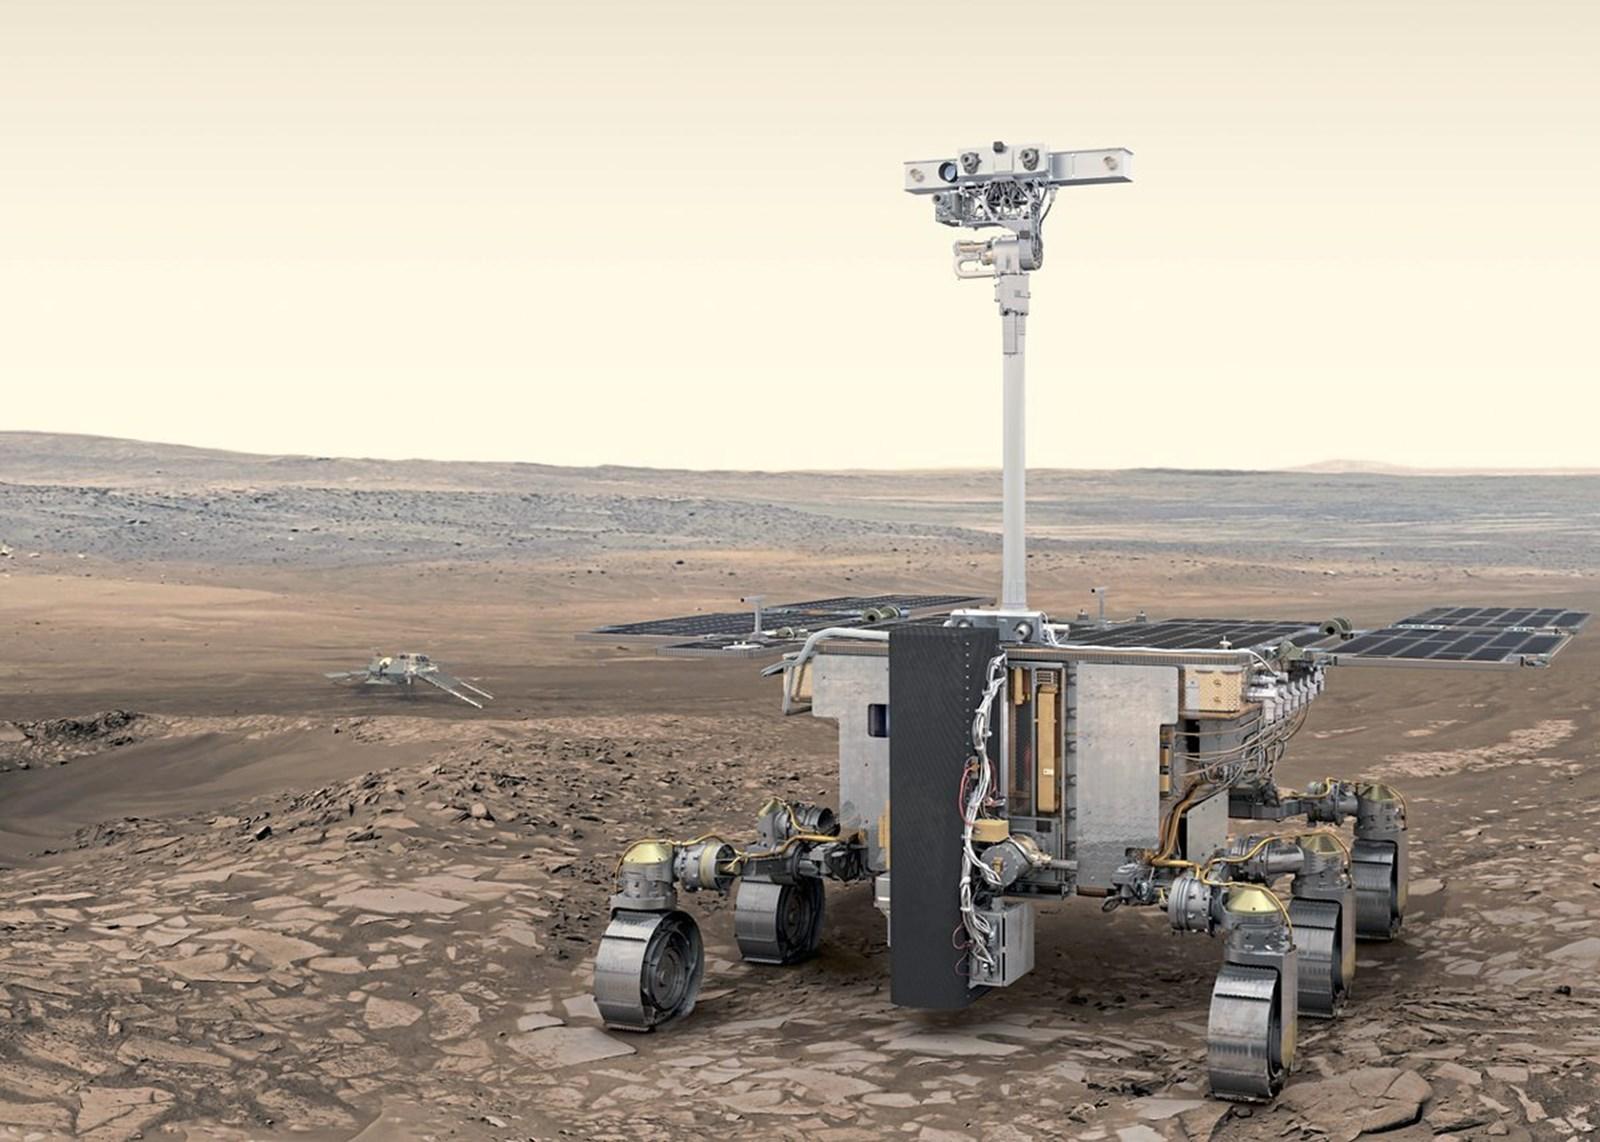 Europas nächster Landeversuch auf dem Mars